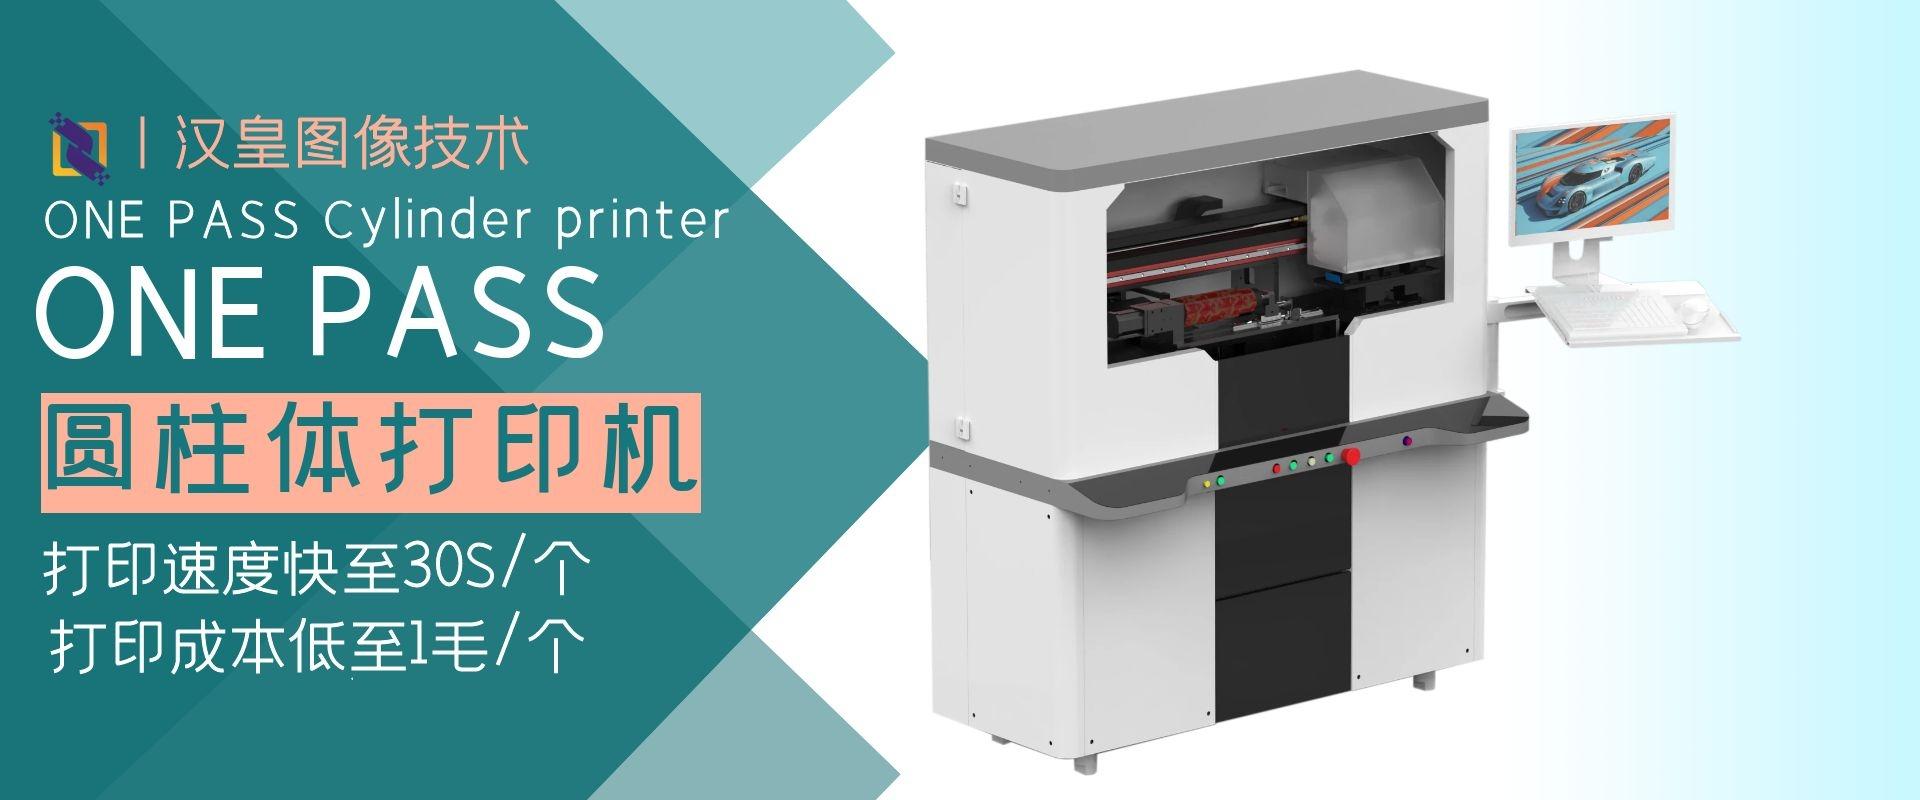 汉皇圆柱体uv打印机